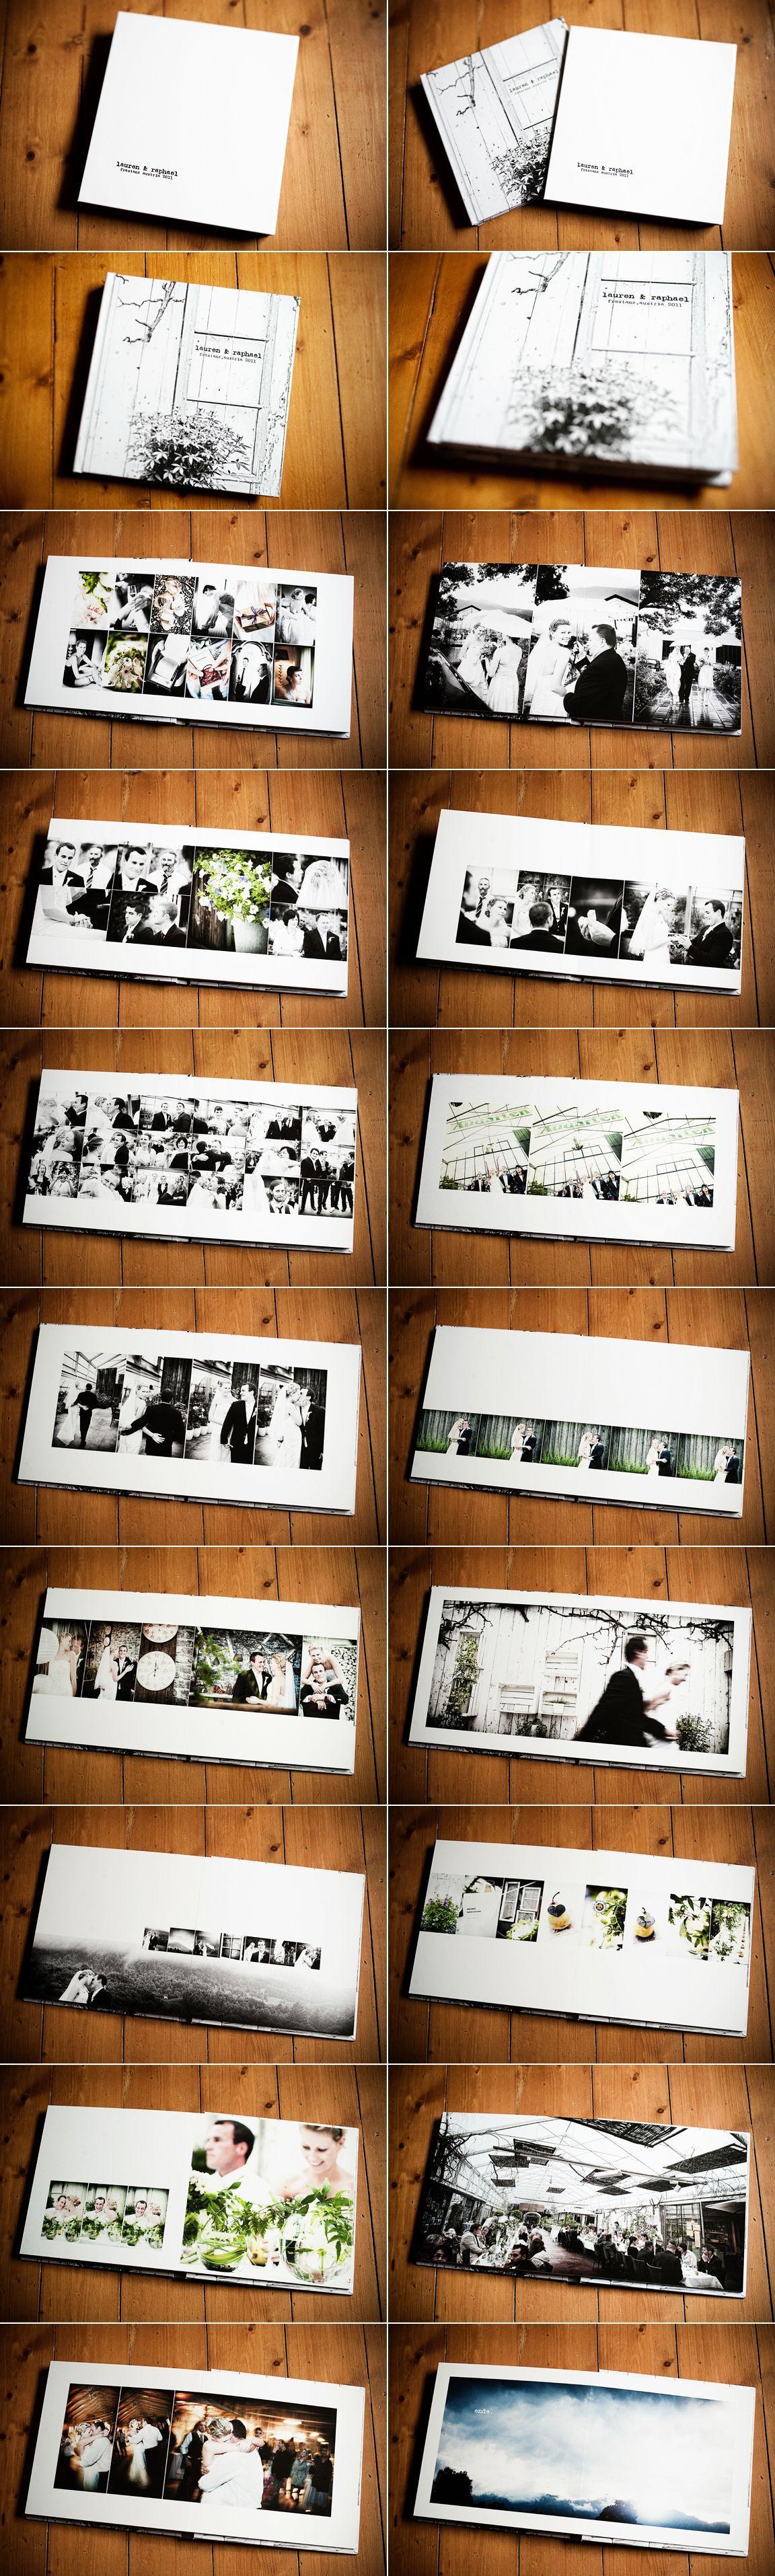 Awesome Photo Book By Www Visionartforum Com Weddingalbums Photo Album Design Photo Album Layout Photobook Layout